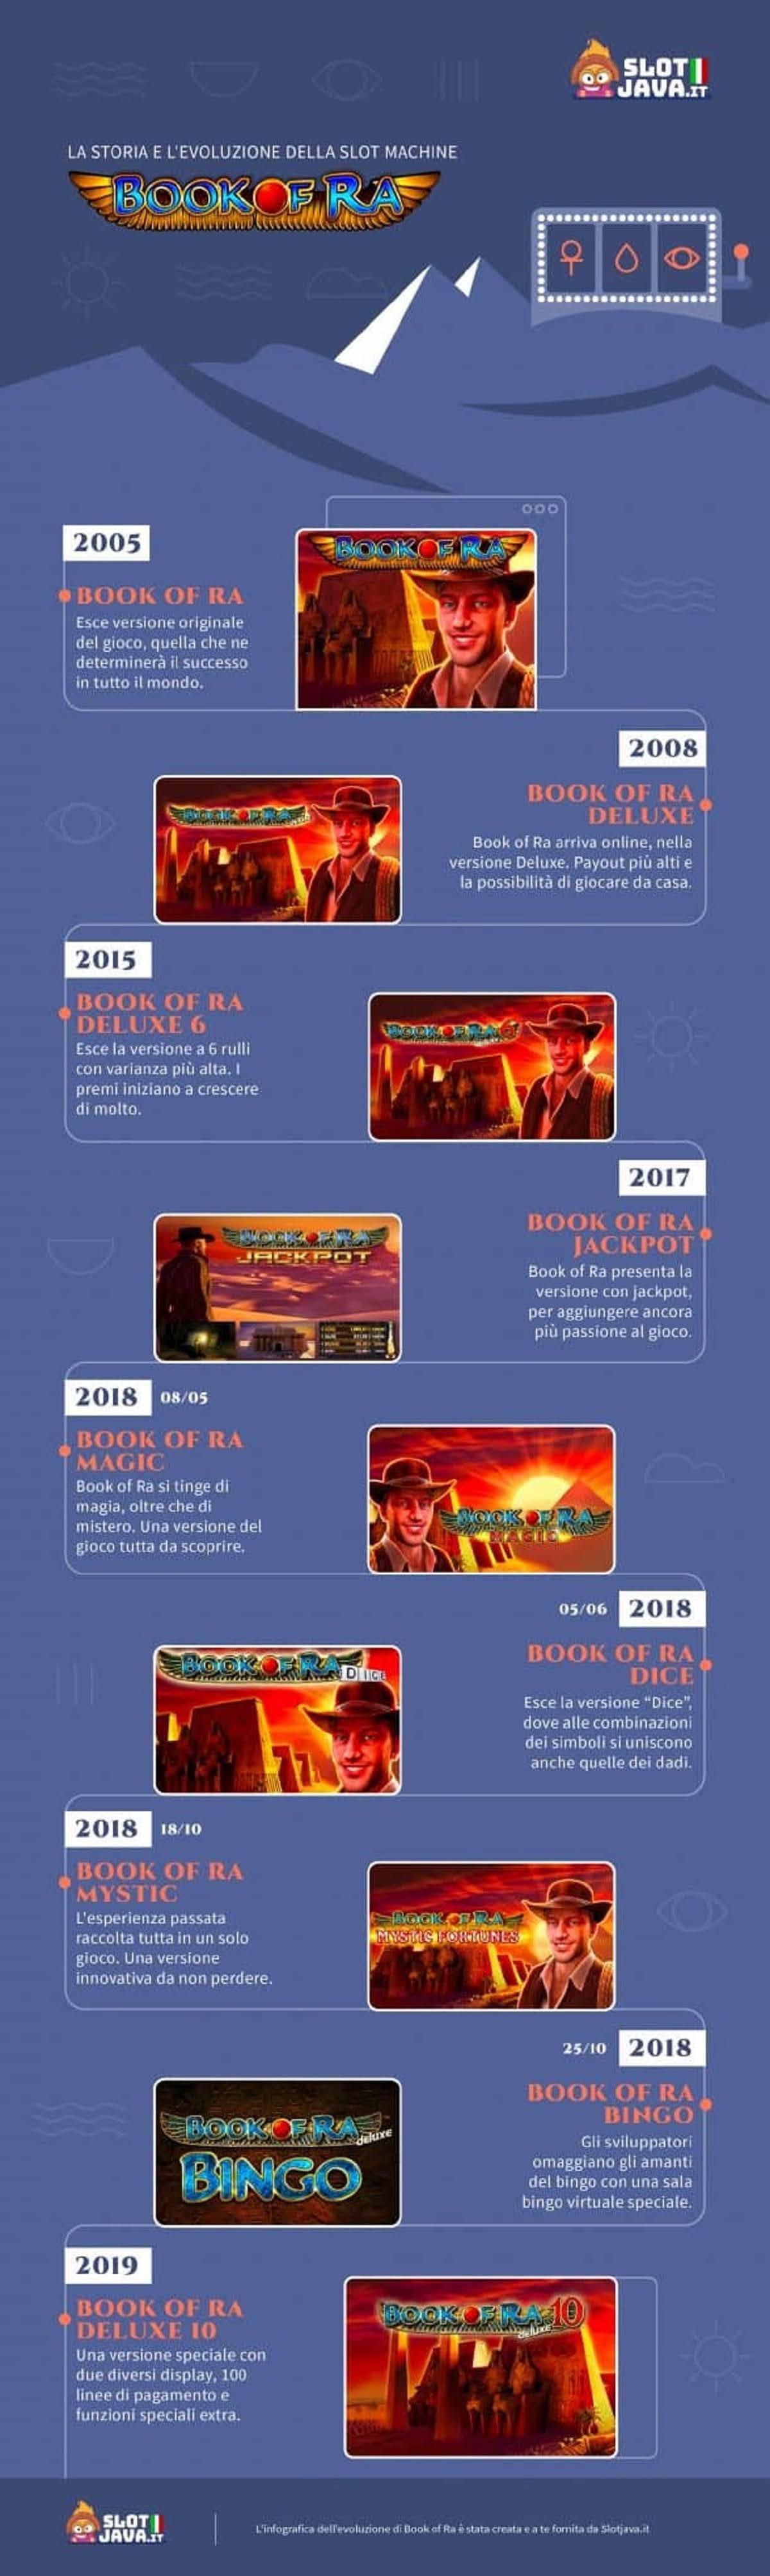 la-storia-e-levoluzione-della-slot-machine-book-of-ra-infographic